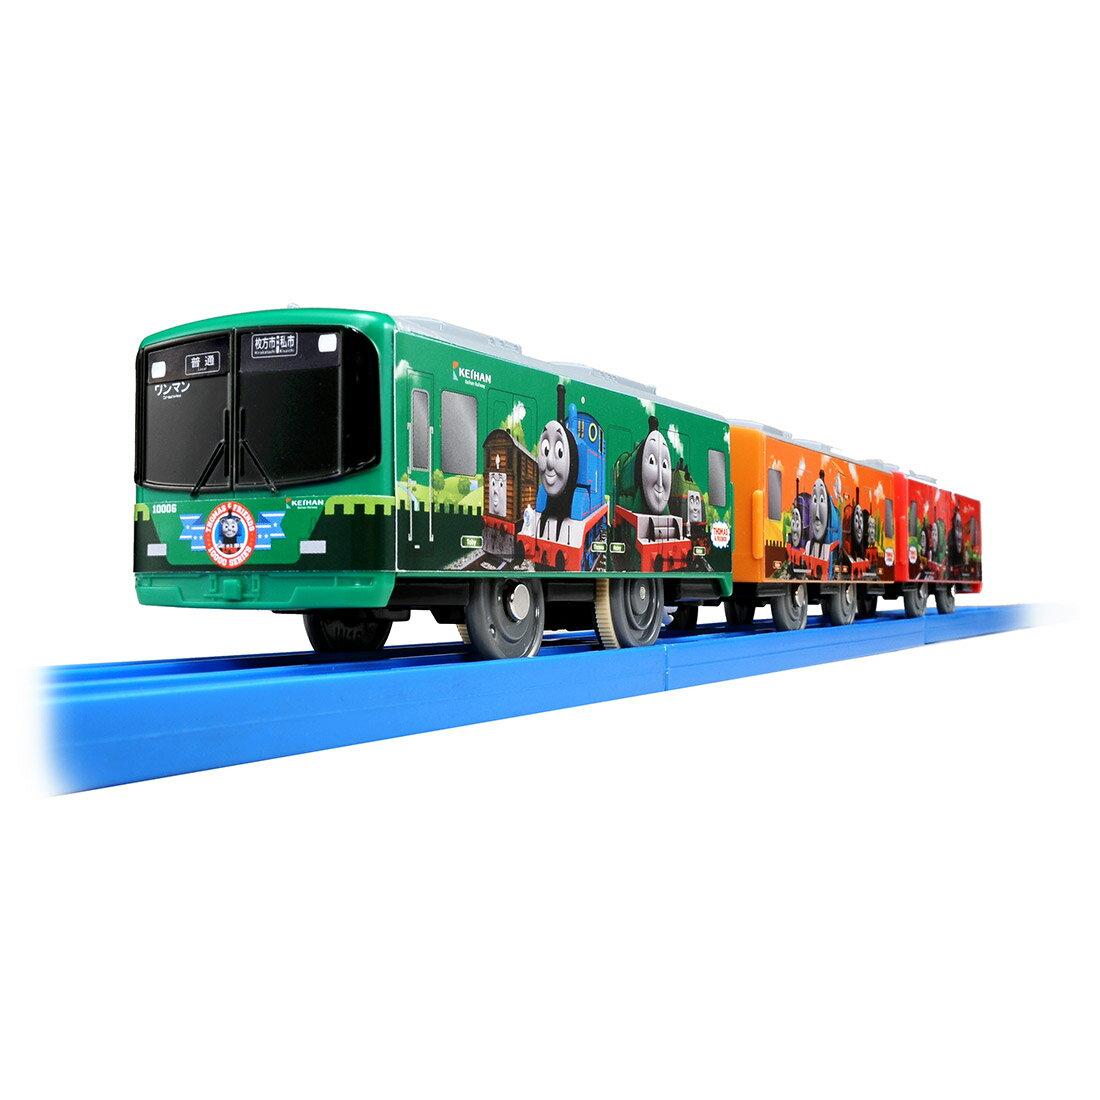 プラレール SC-10 京阪電車10000系きかんしゃトーマス号2015画像